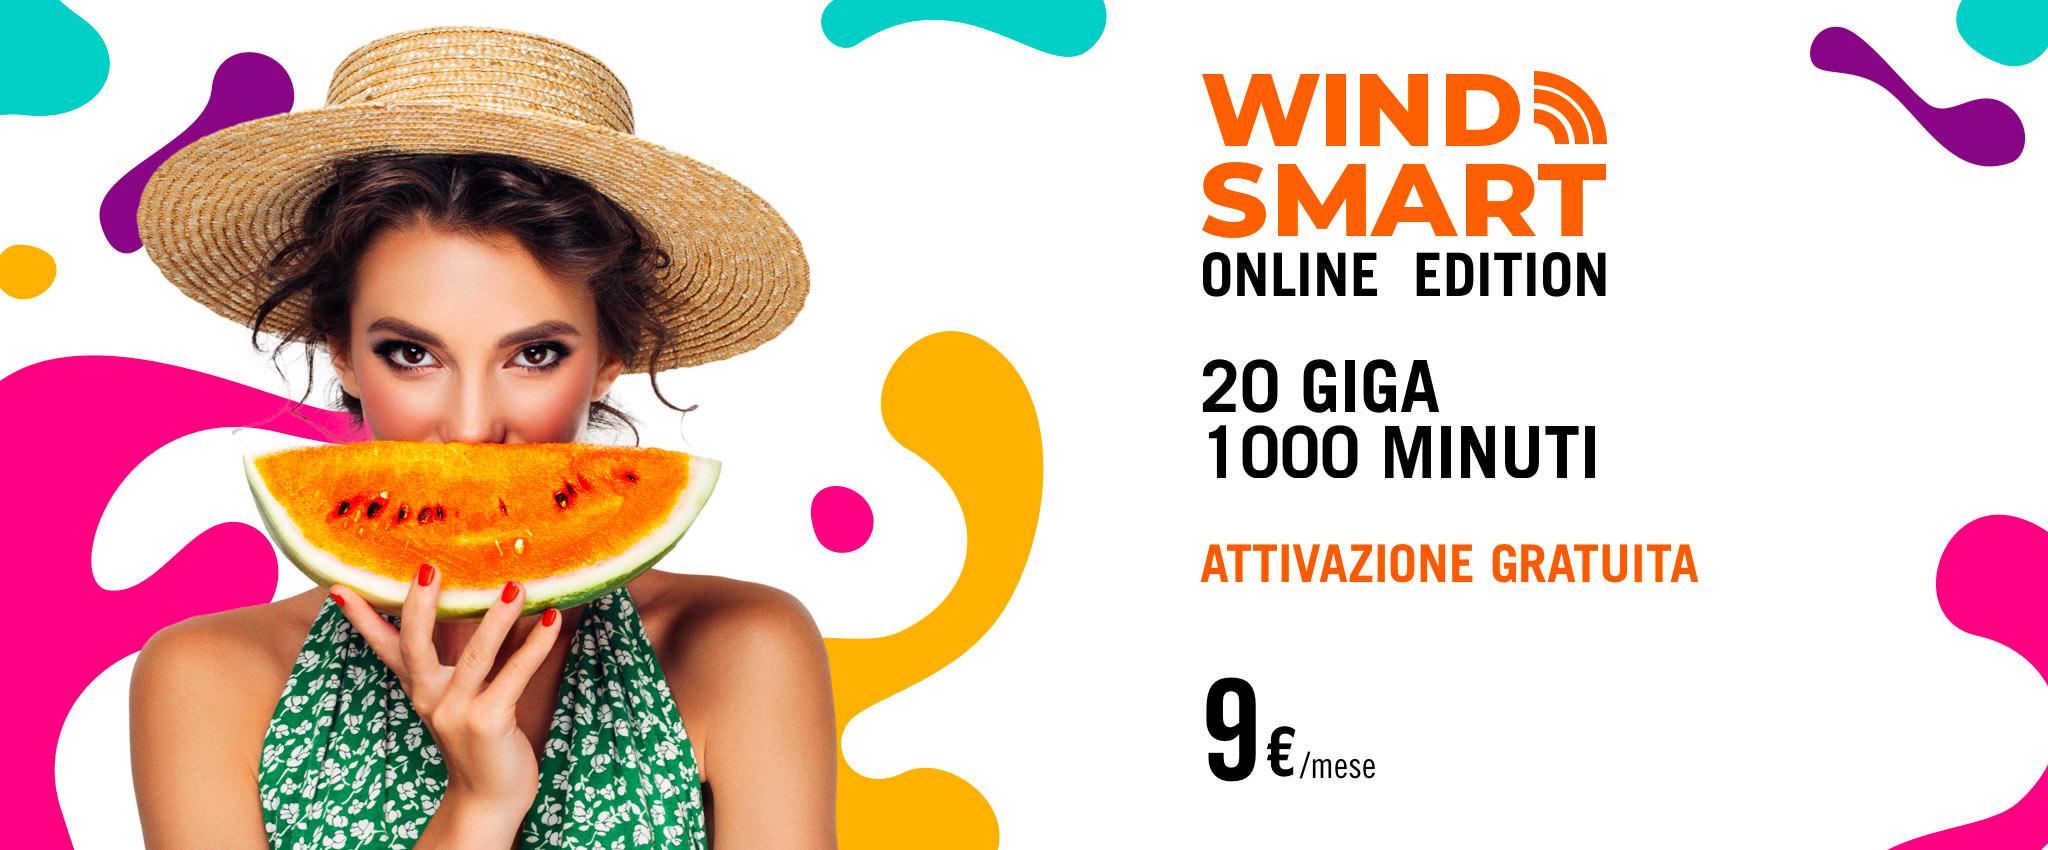 Wind smart online edition tanti minuti e tanti gb per 9 - Porta i tuoi amici in wind quanto dura ...